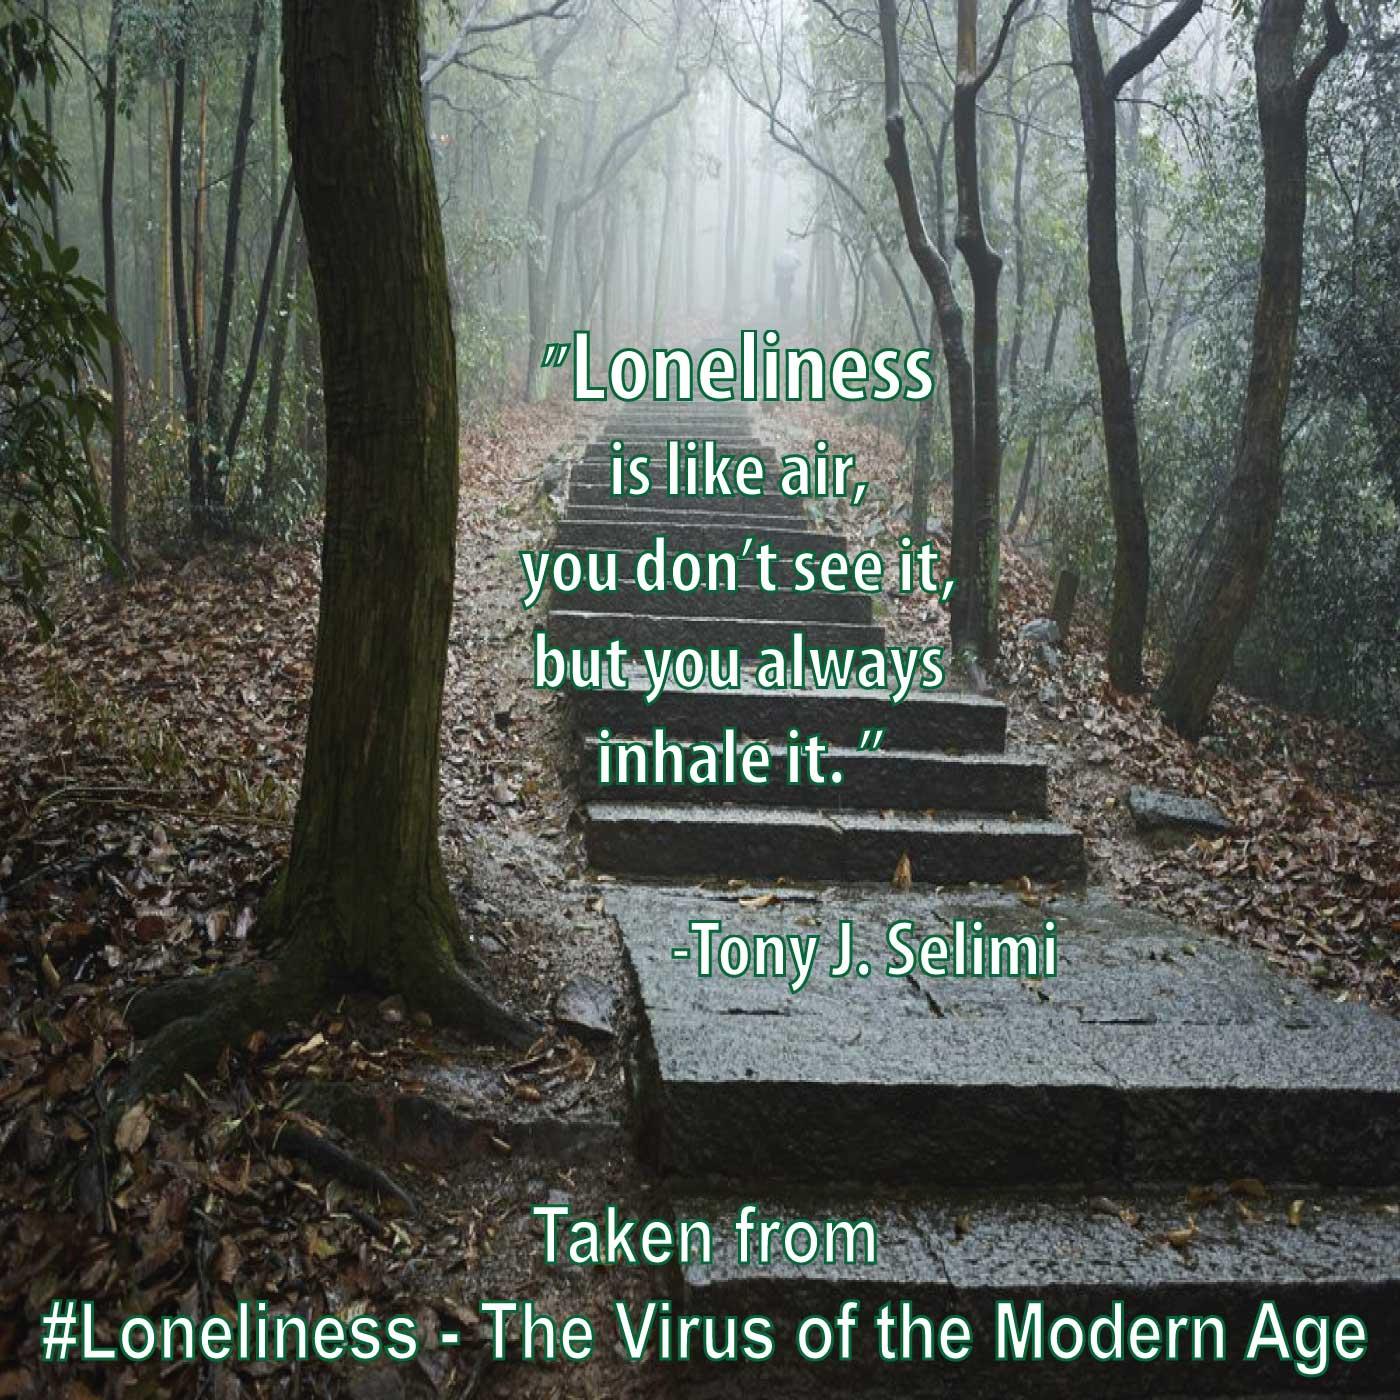 loneliness-by-Tony-J-Selimi